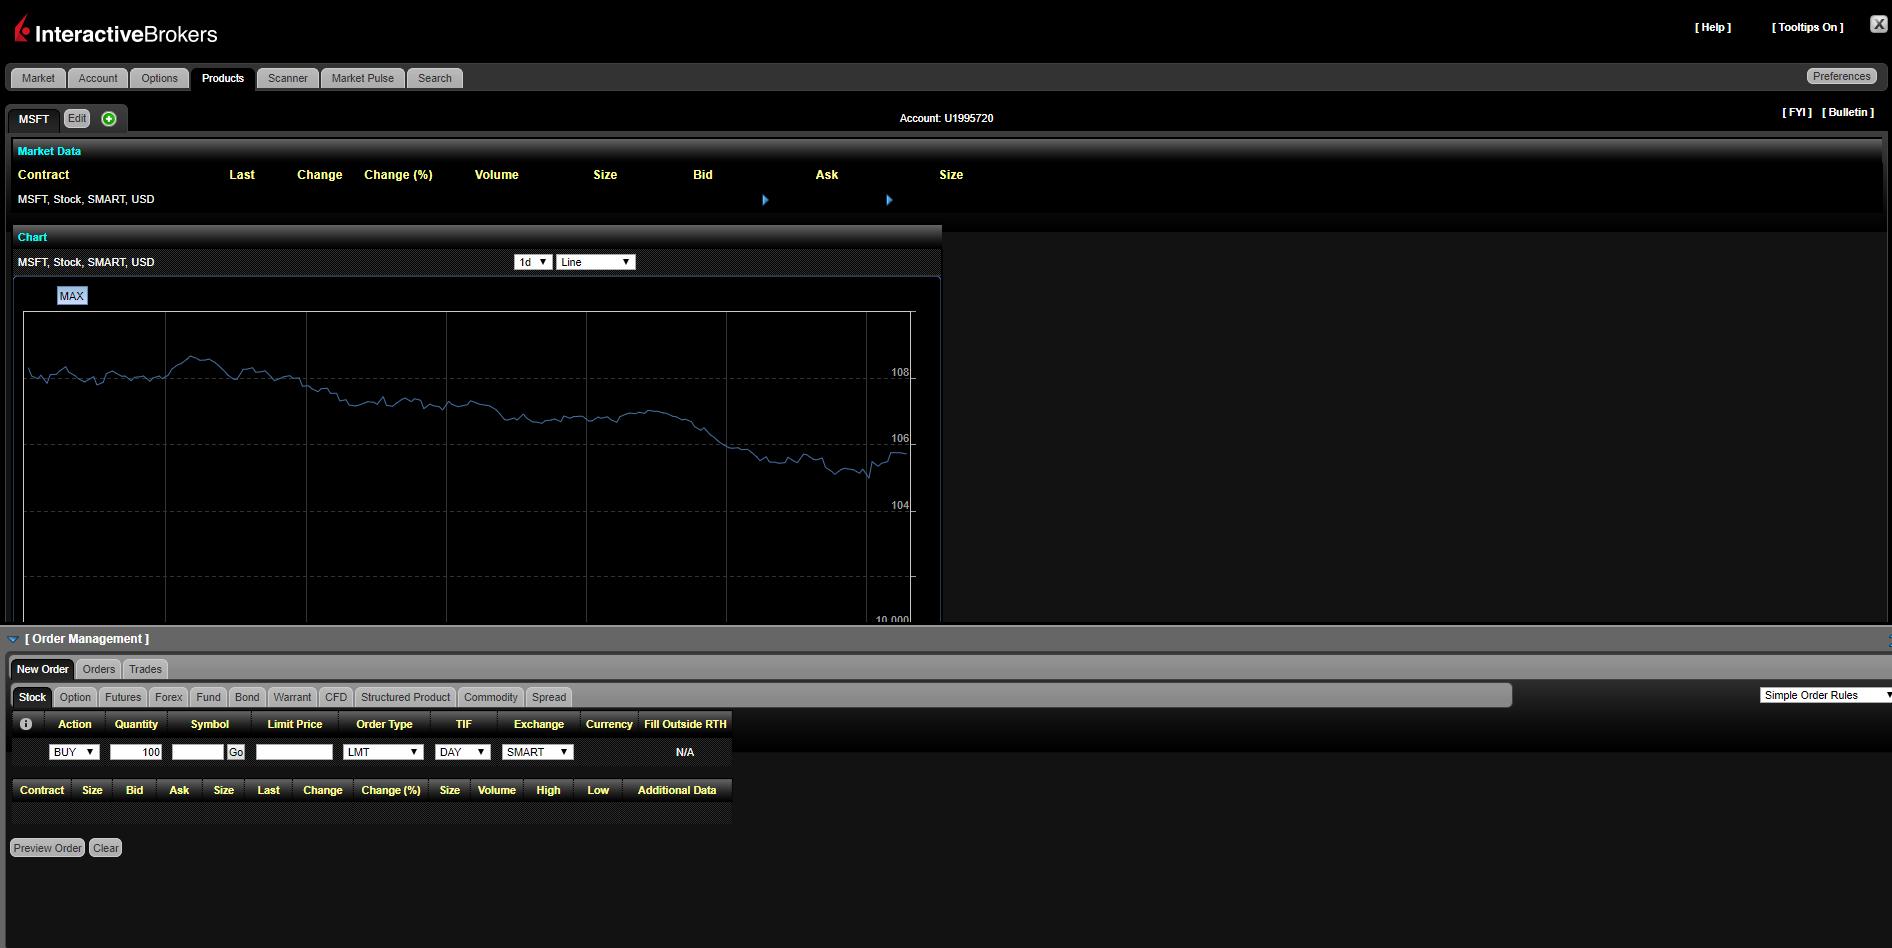 Best discount brokers - Interactive Brokers trading platform